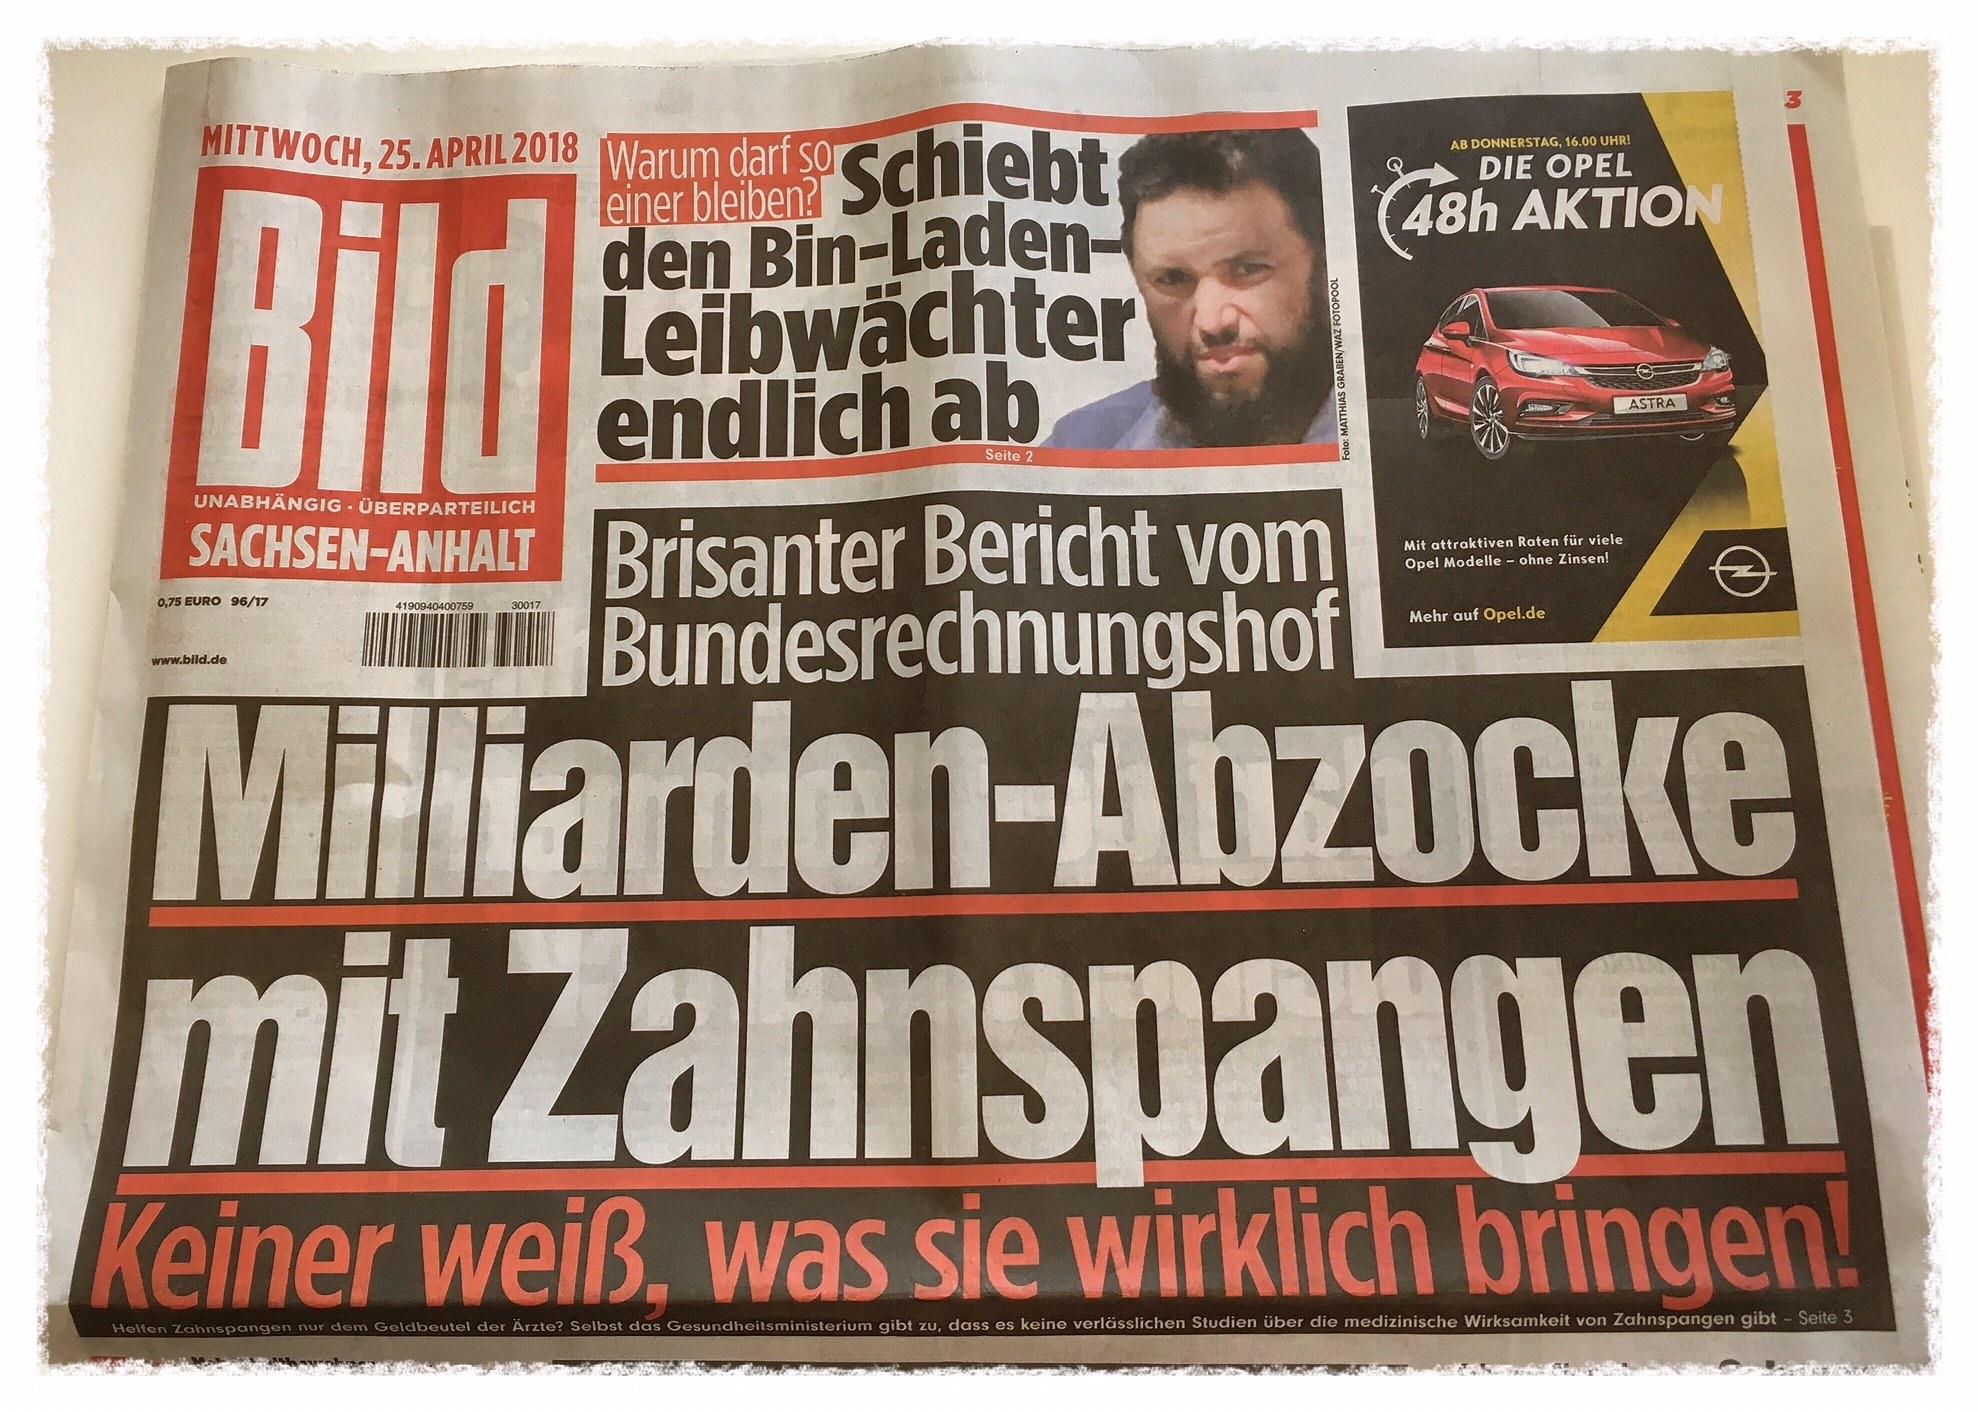 Kieferorthopädie Bild Zeitung Zahngesundheit Halle